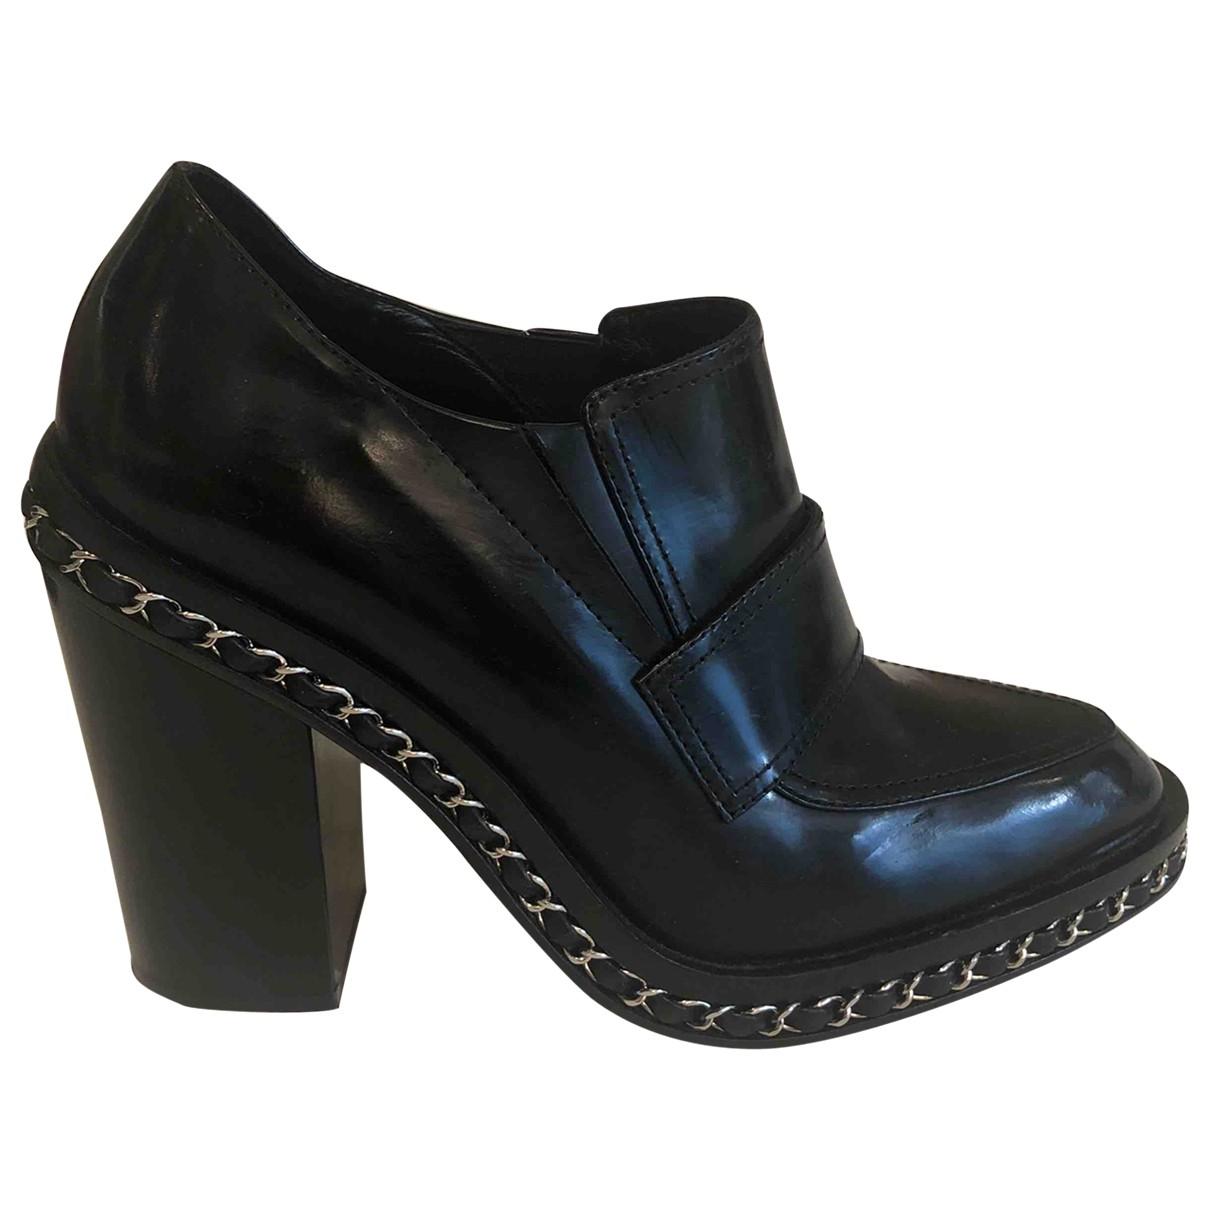 Chanel - Boots   pour femme en cuir - noir